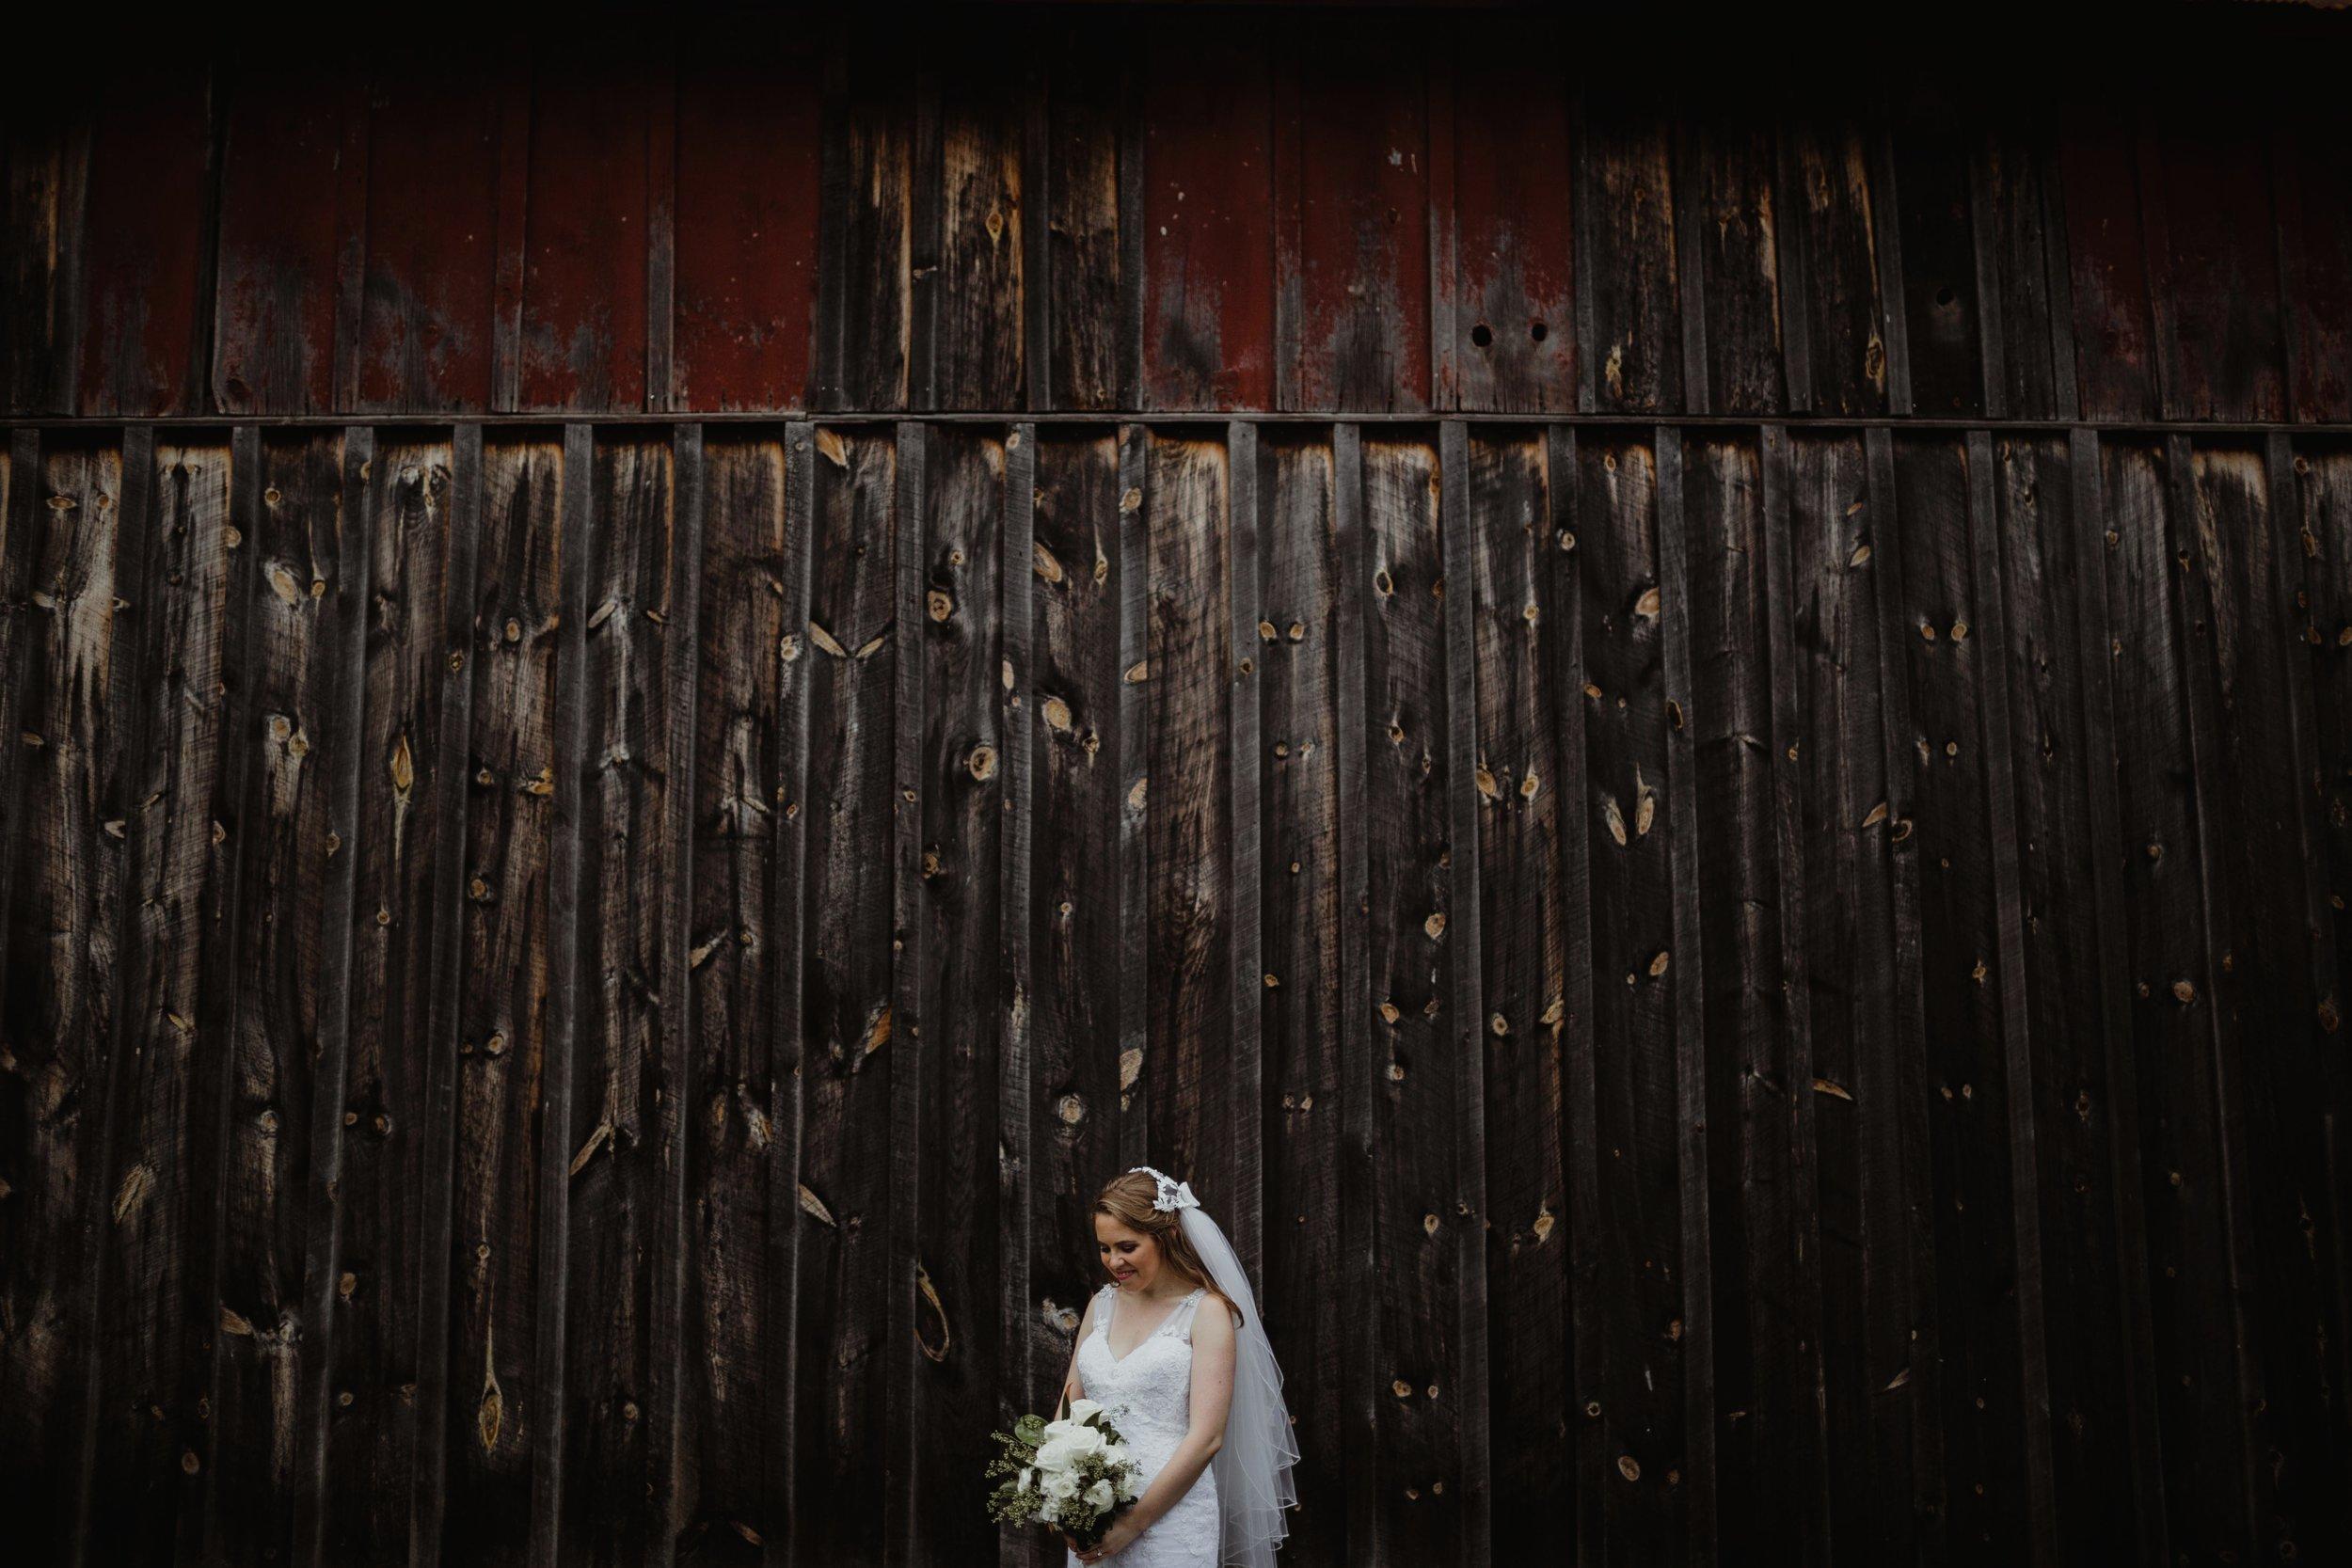 ALICIAandPETER-bridegroom (145 of 254).jpg